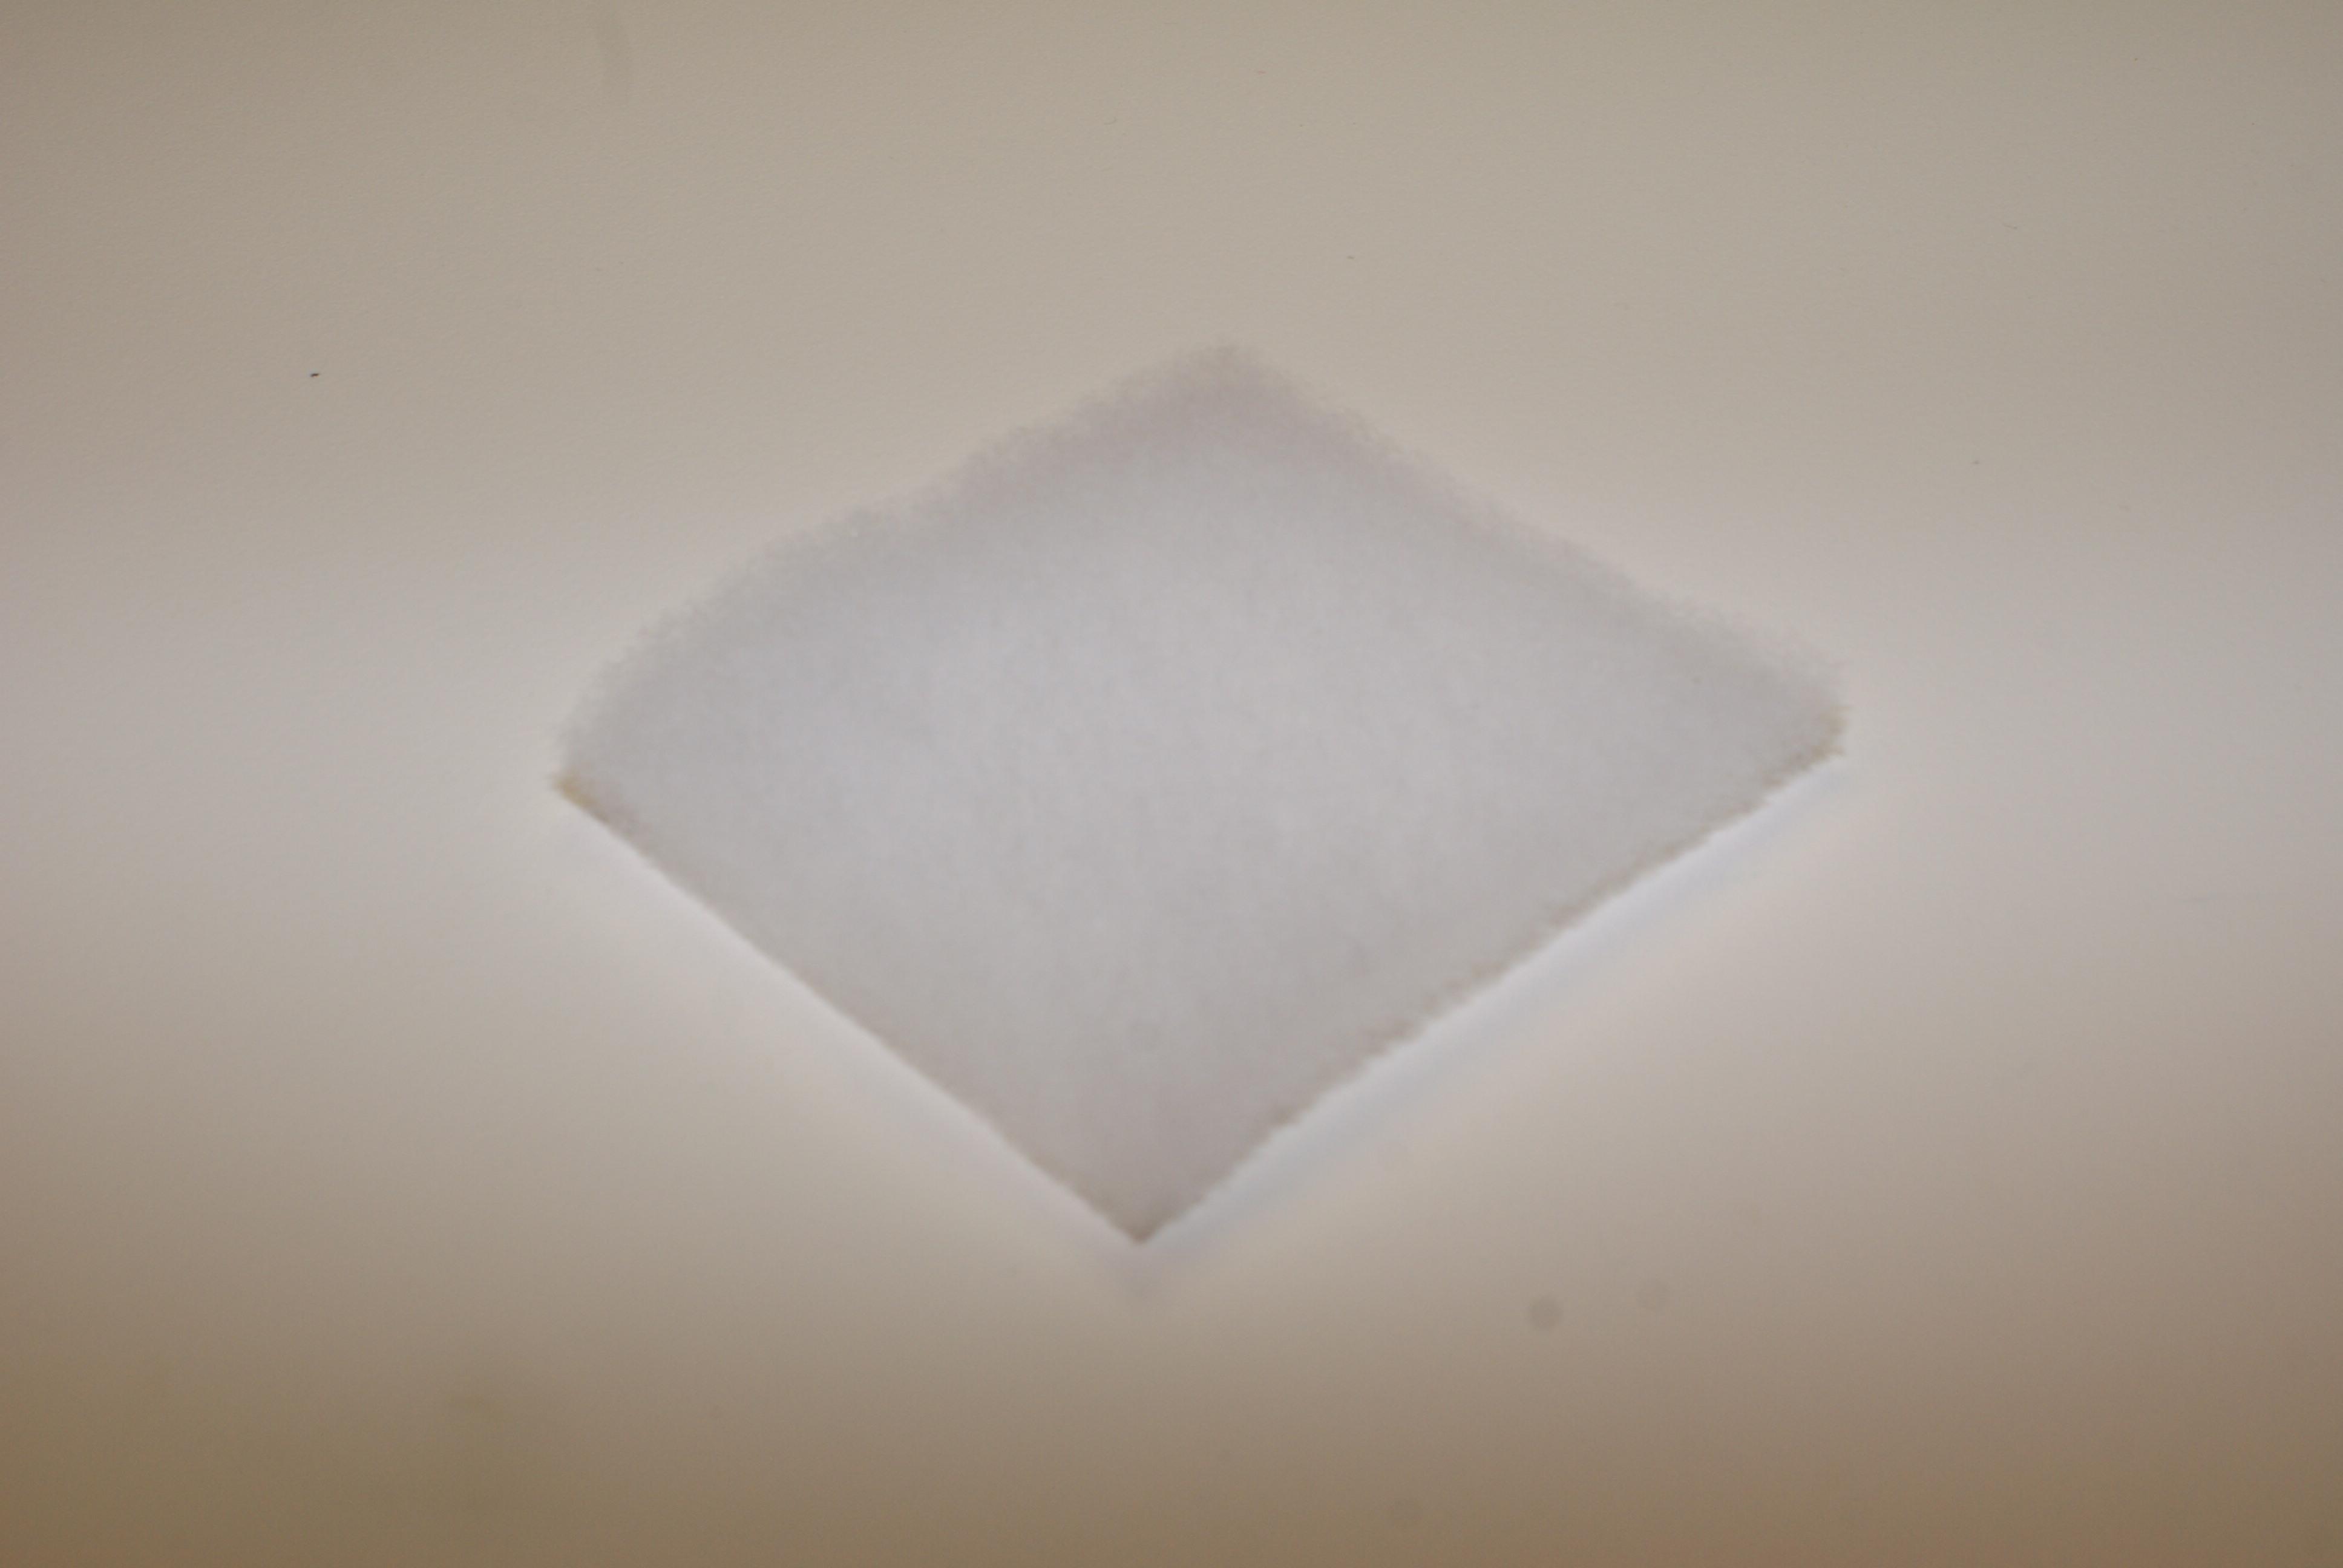 Fiberfill vat 100 gr.